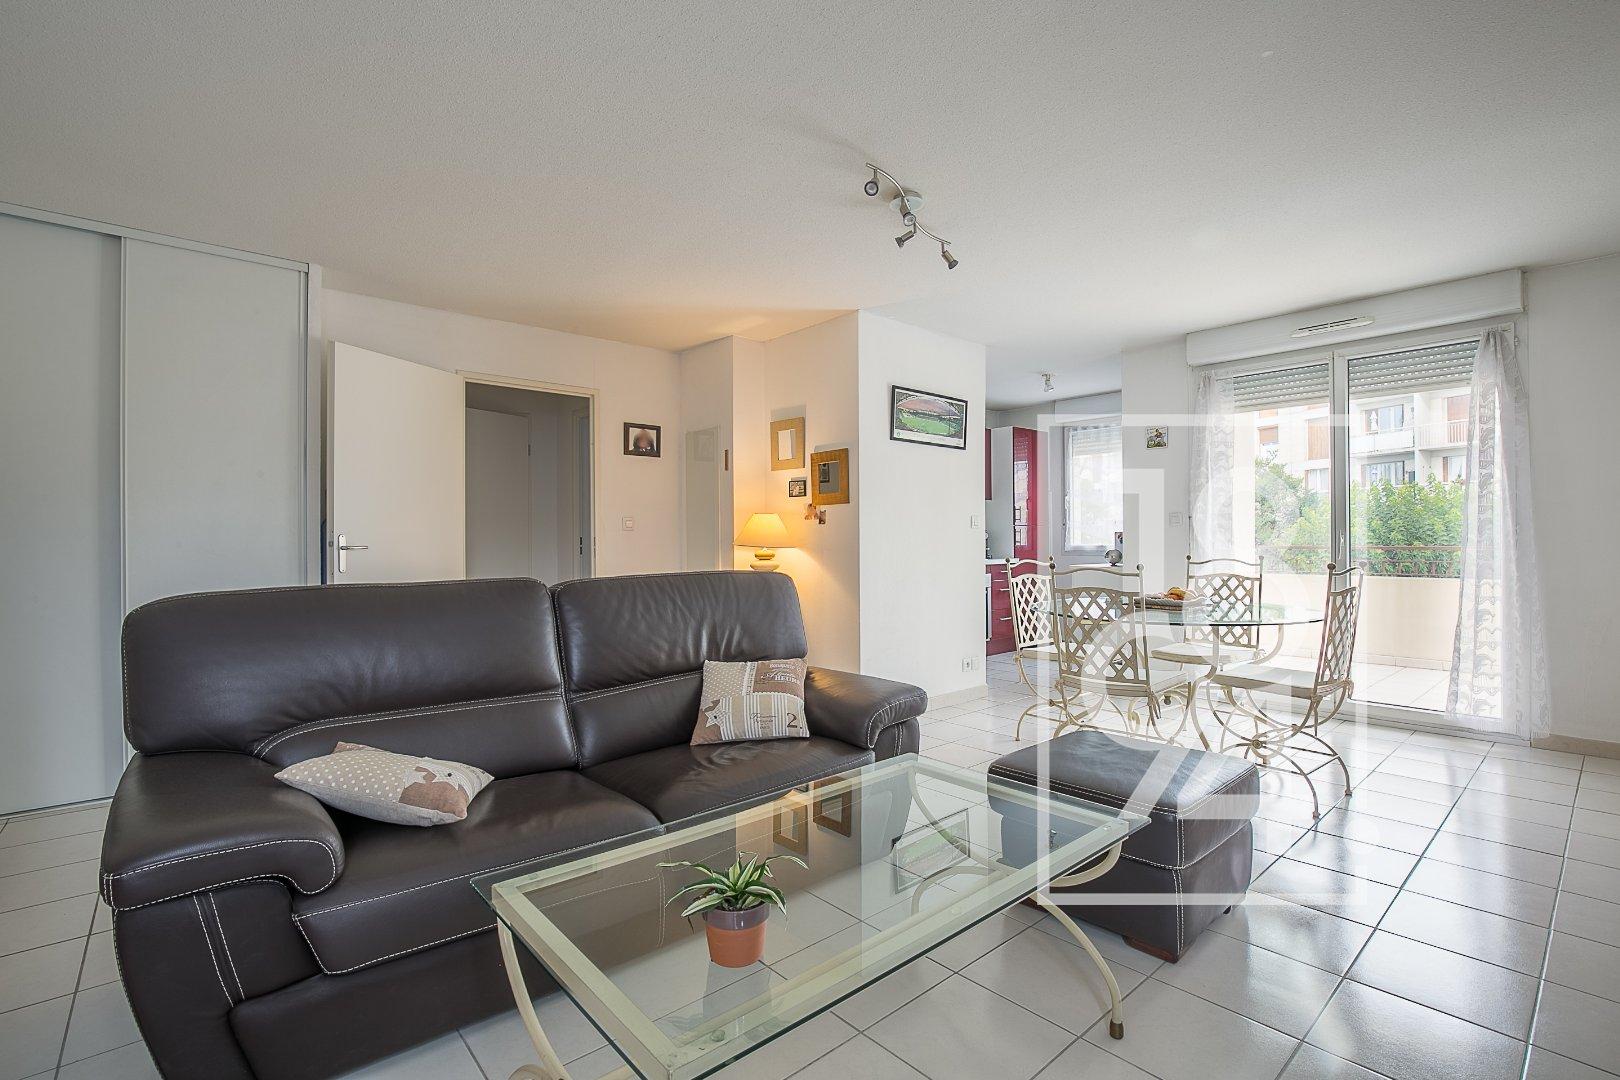 Appartement moderne de type T2 d'environ 54m2 dans une résidence calme